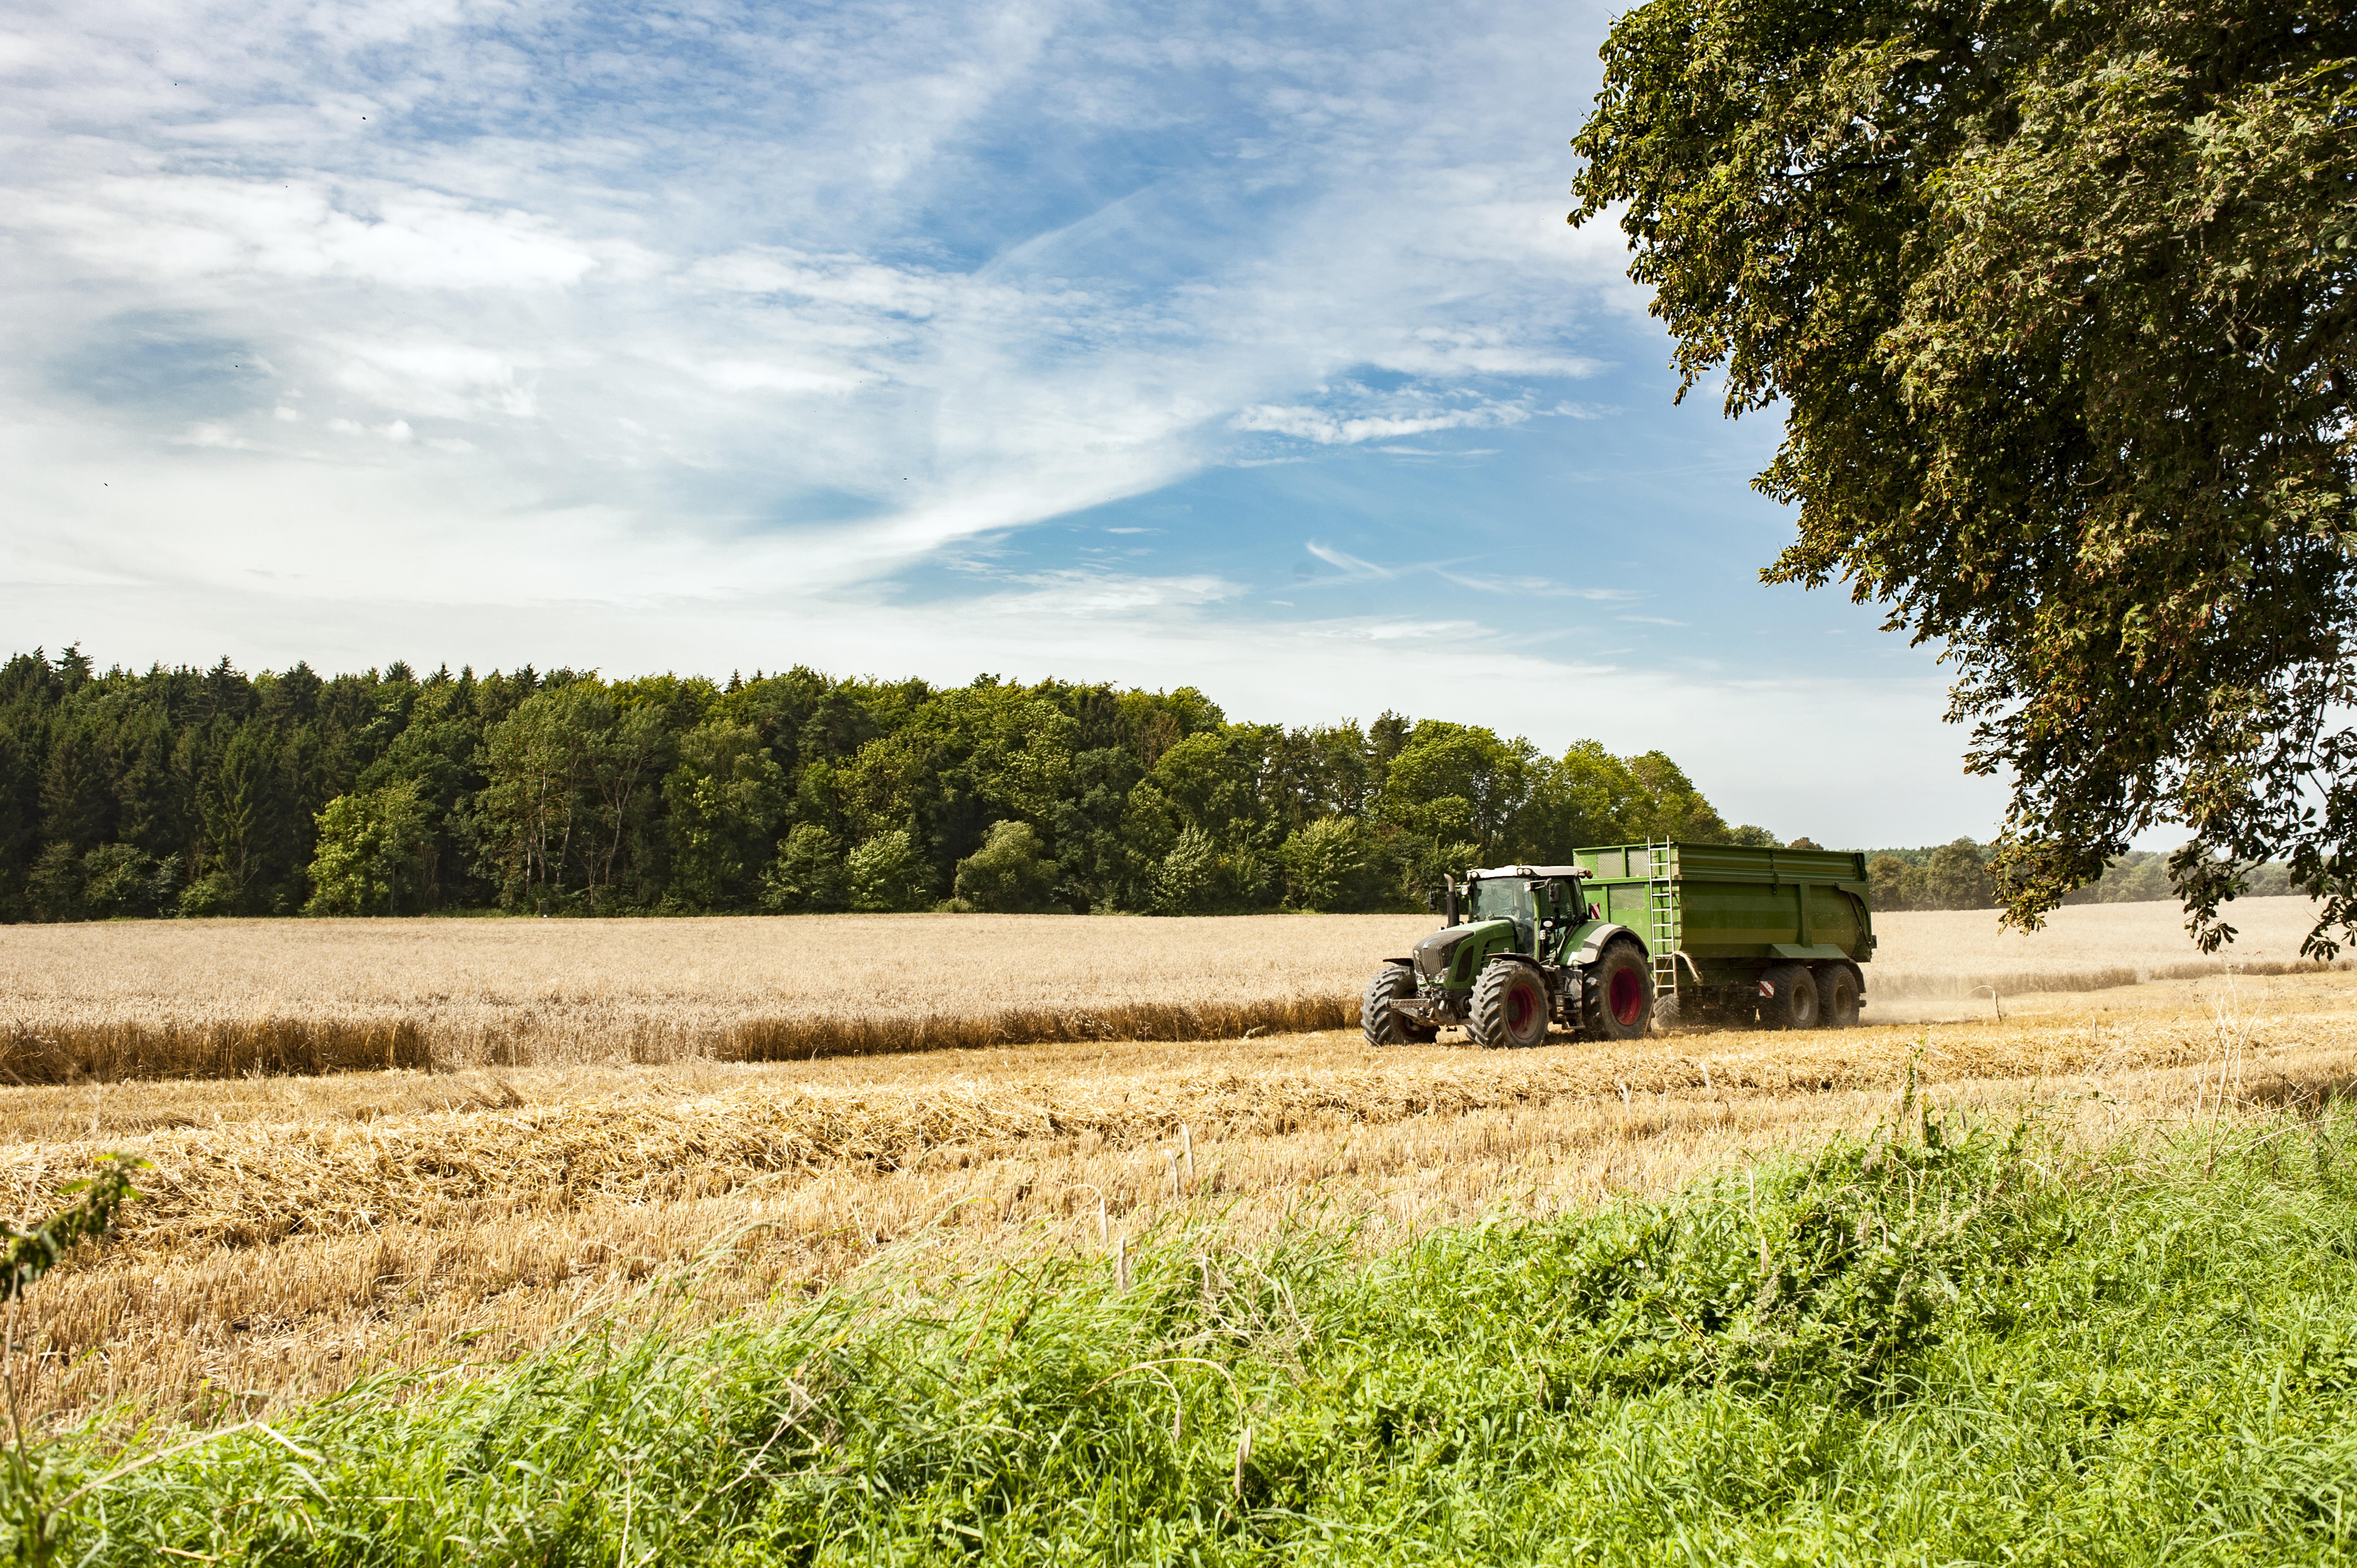 Zu viel Bio ist schlecht fürs Klima: Umstellung auf 100 % Öko-Landbau lässt Emissionen enorm steigen